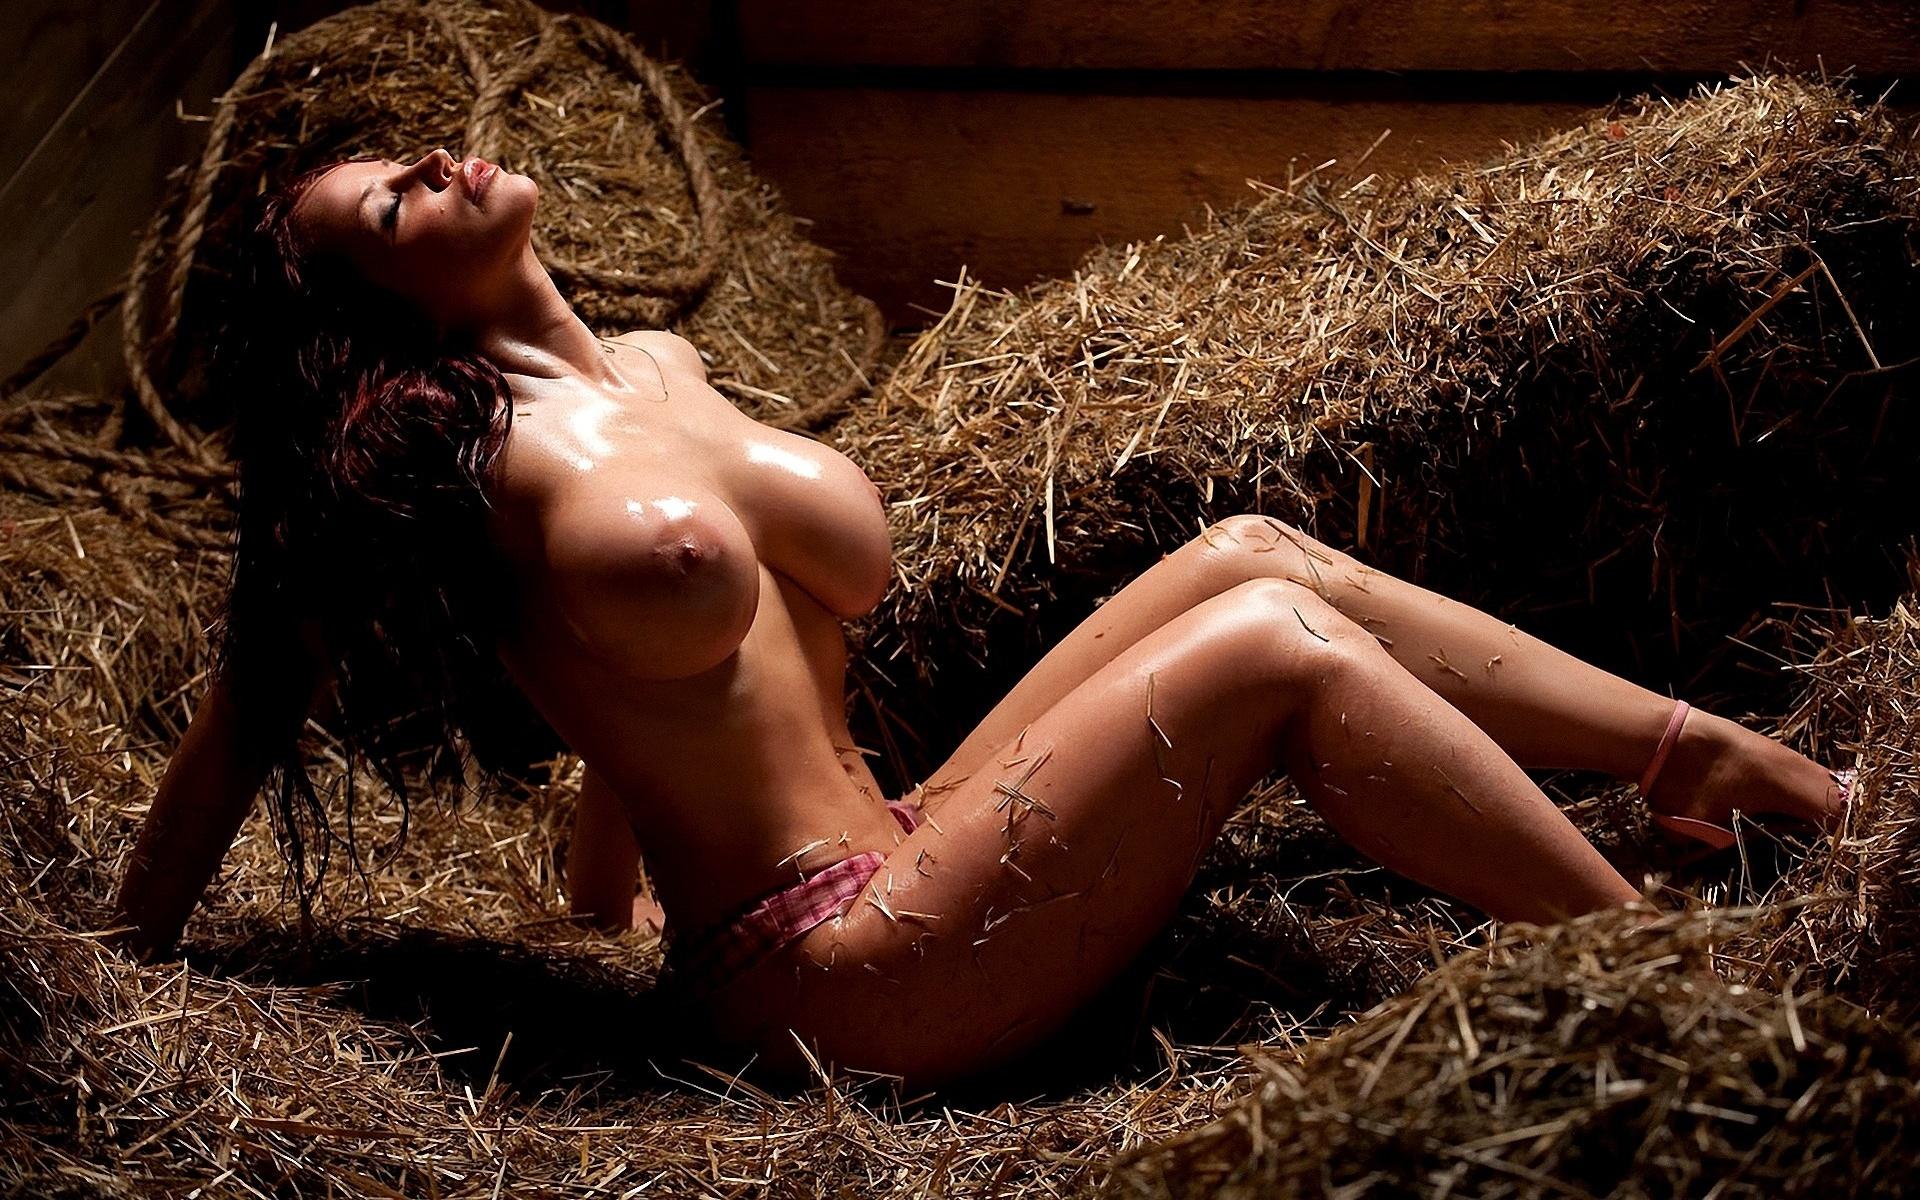 Секс на соломе смотреть онлайн 8 фотография